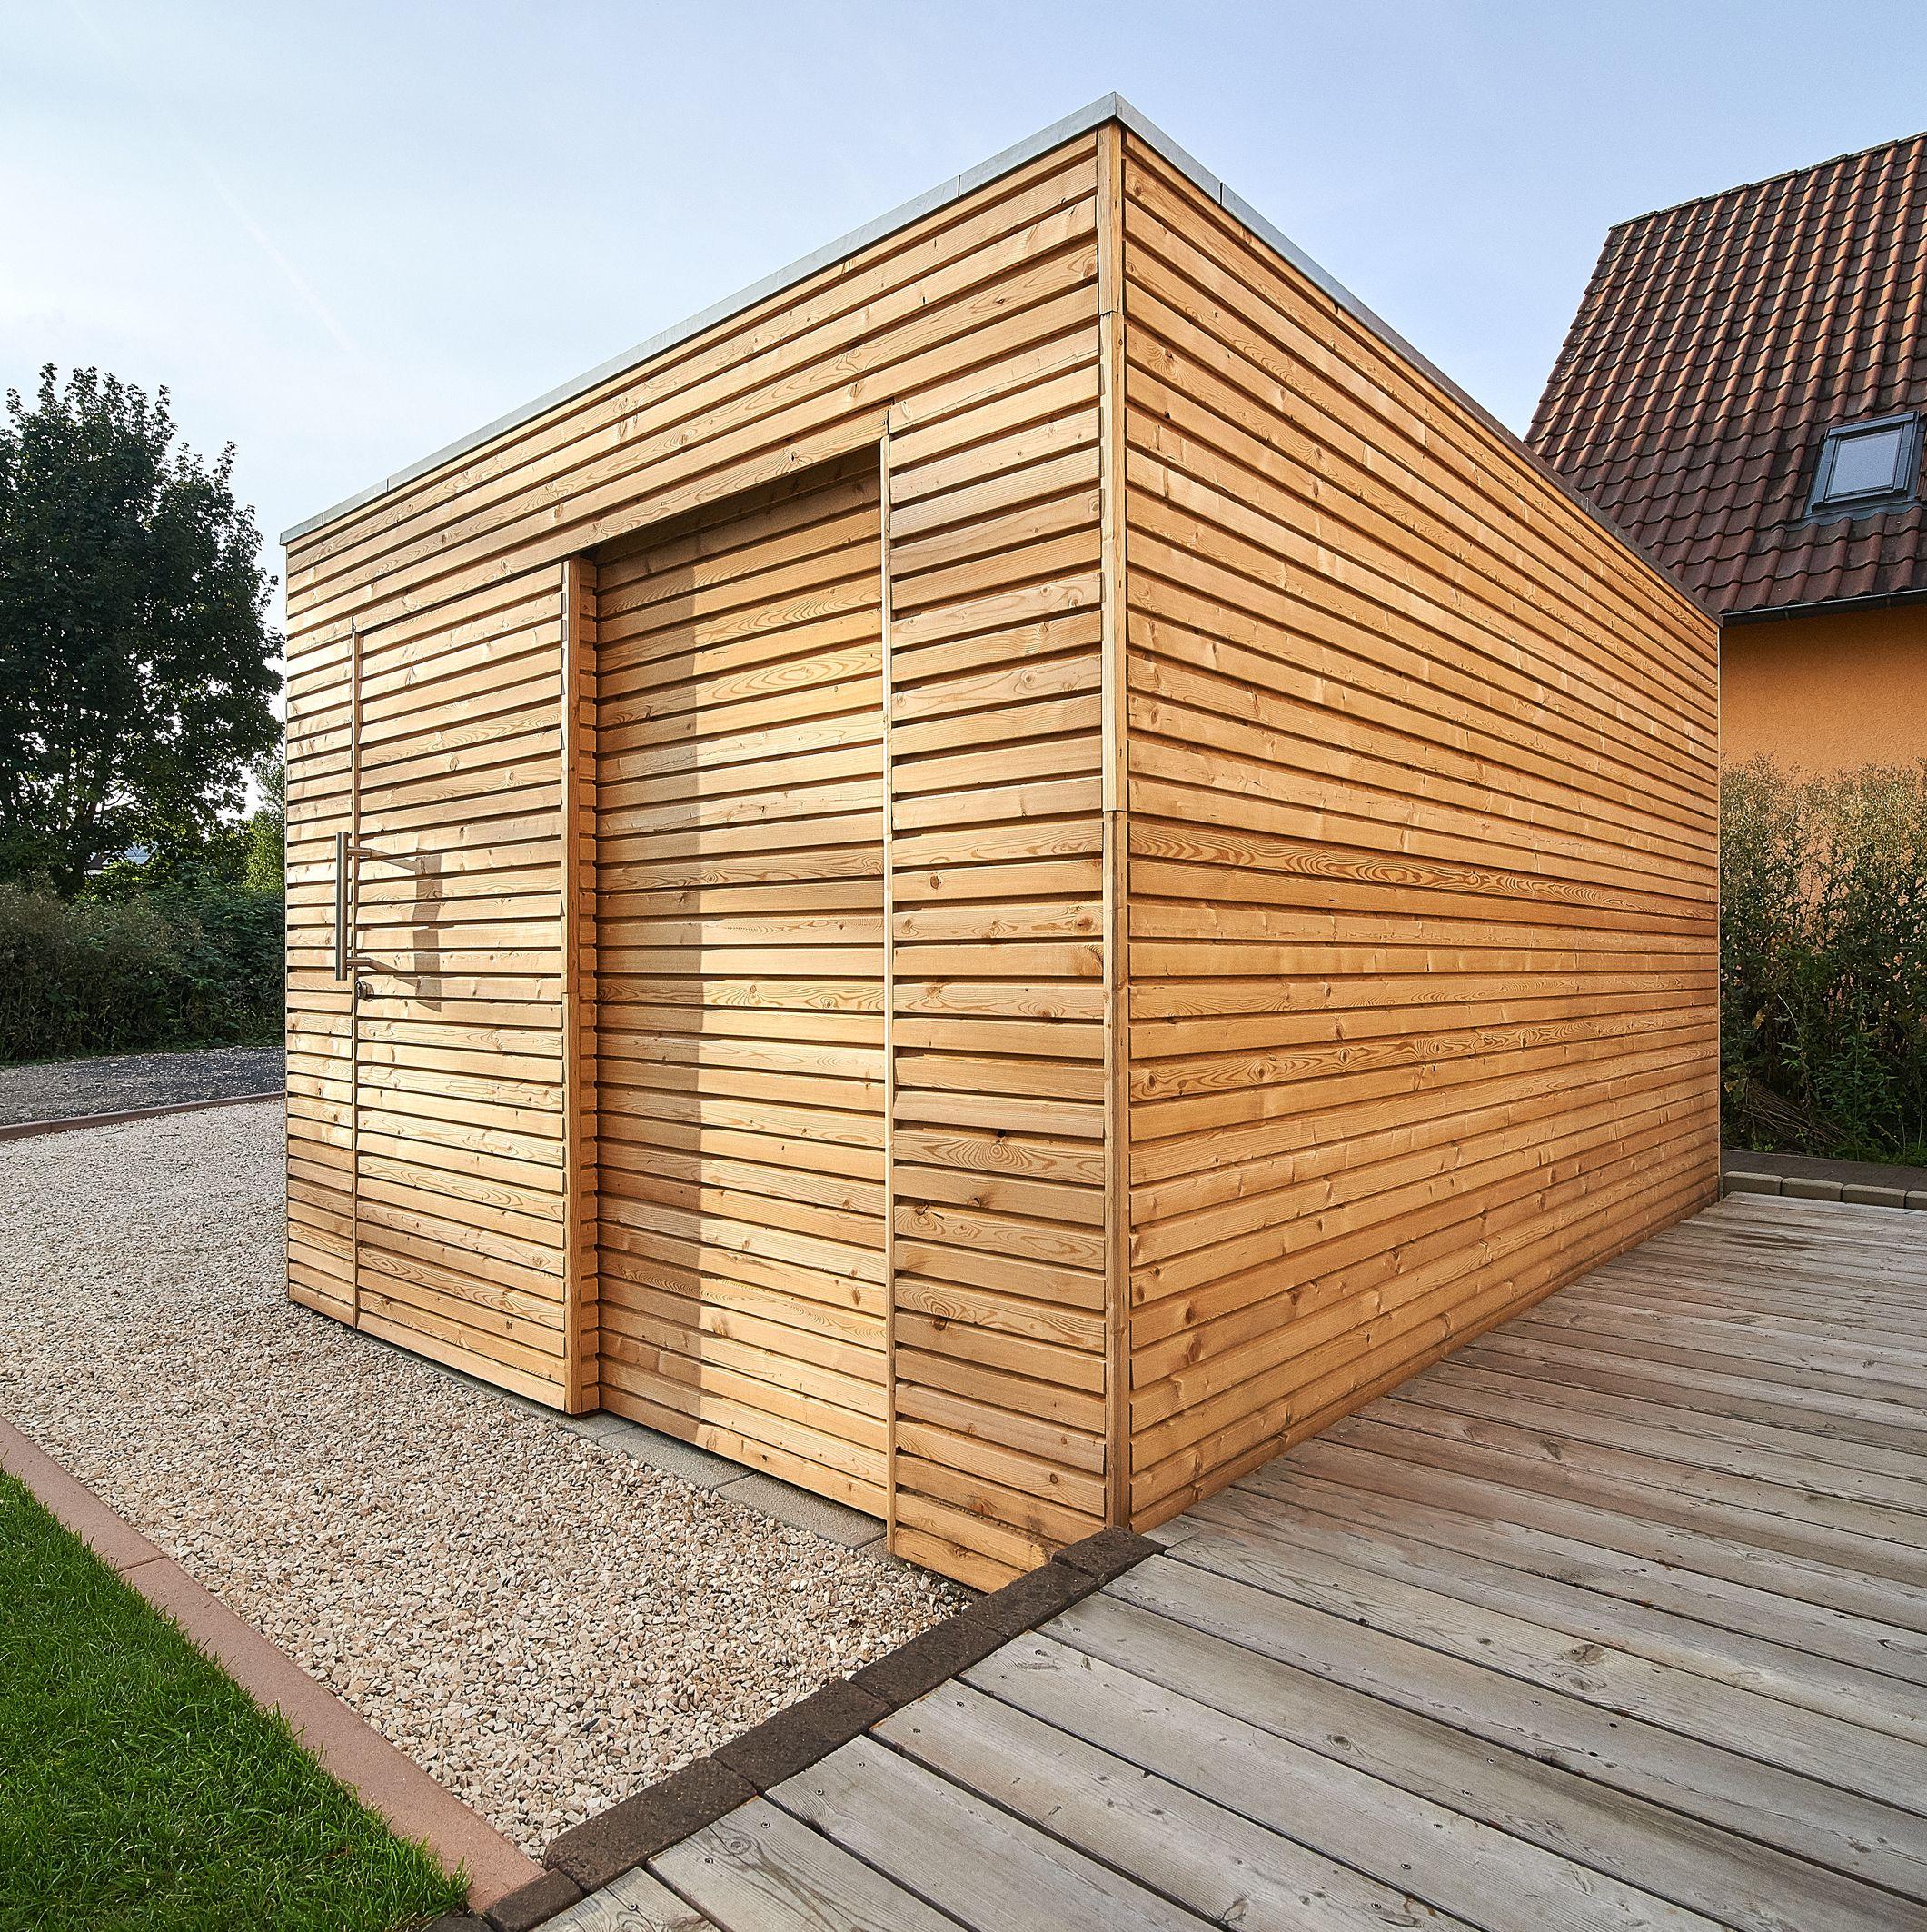 Gartenhaus Design Mit Laerchenholz, Flachdach, Schiebetür